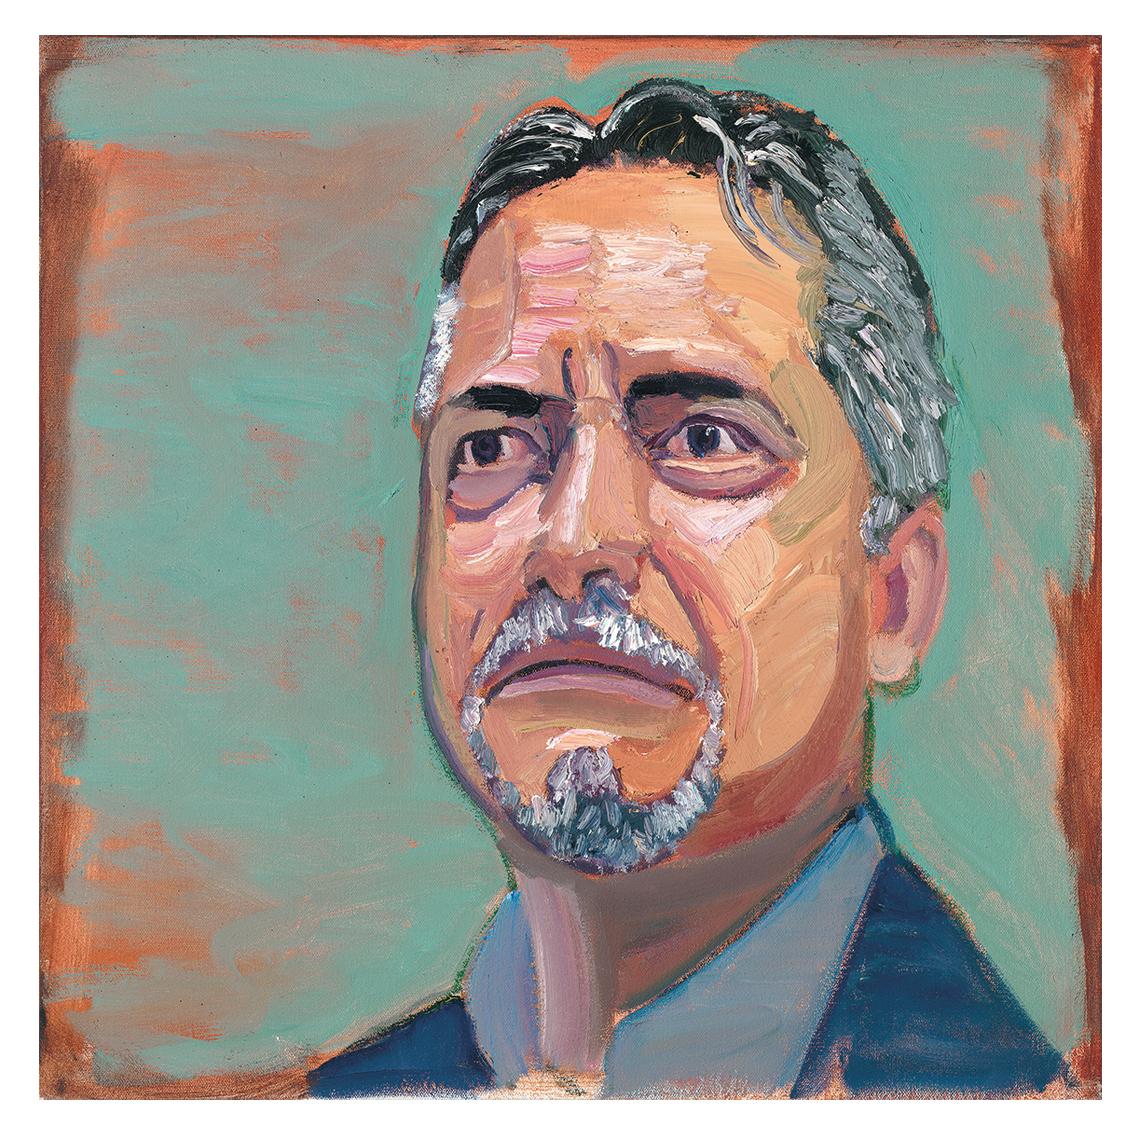 Retrato de Carlos Rovelo, pintado por George W. Bush.